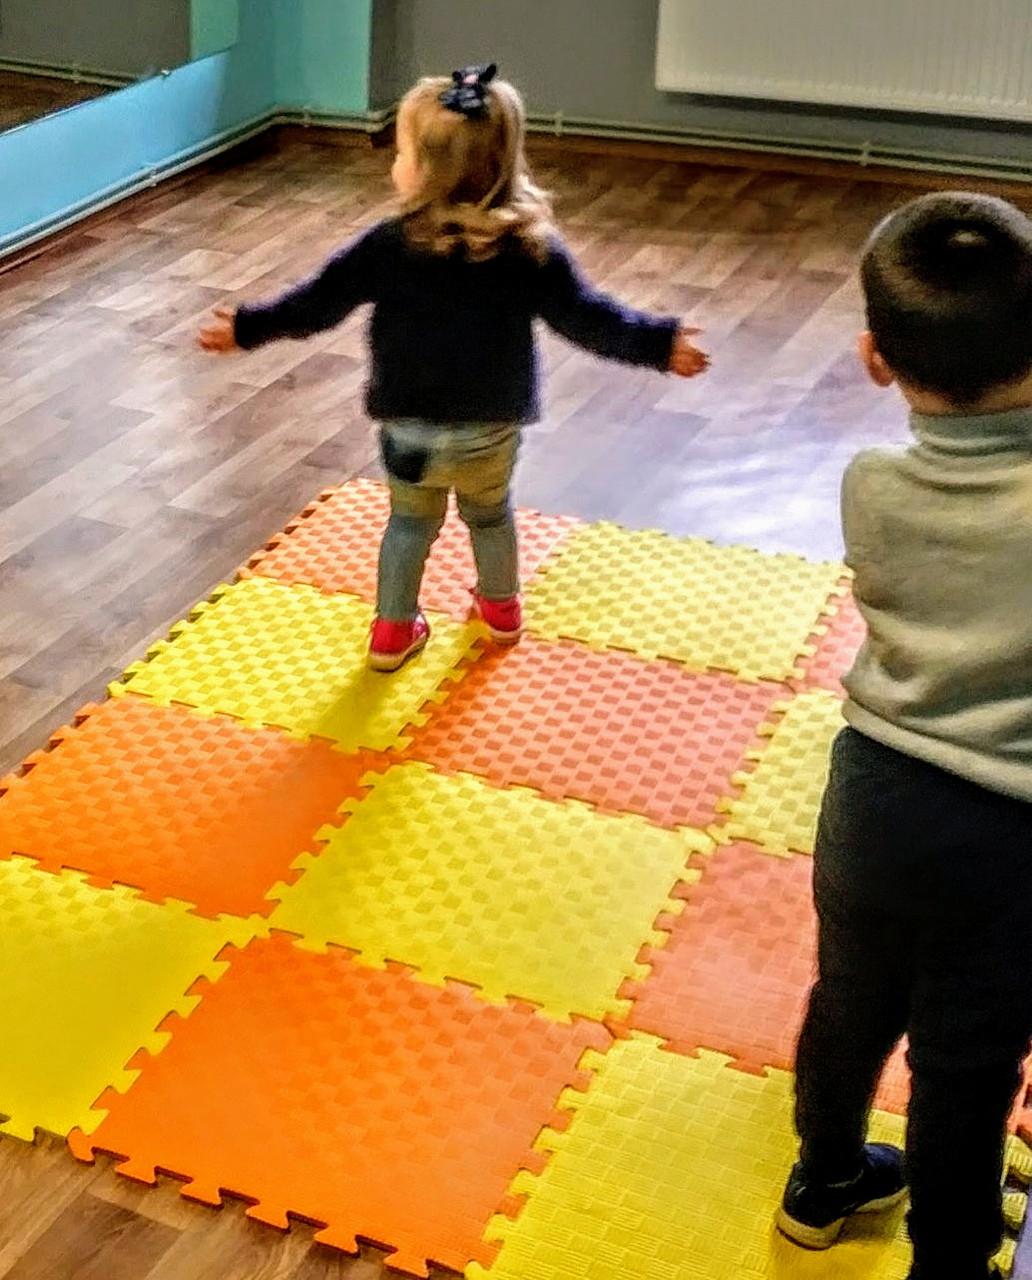 Игровой детский коврик. Мягкий , теплый пол ( Коврик-пазл 50*50*1см ).Сборной коврик для детских комнат.